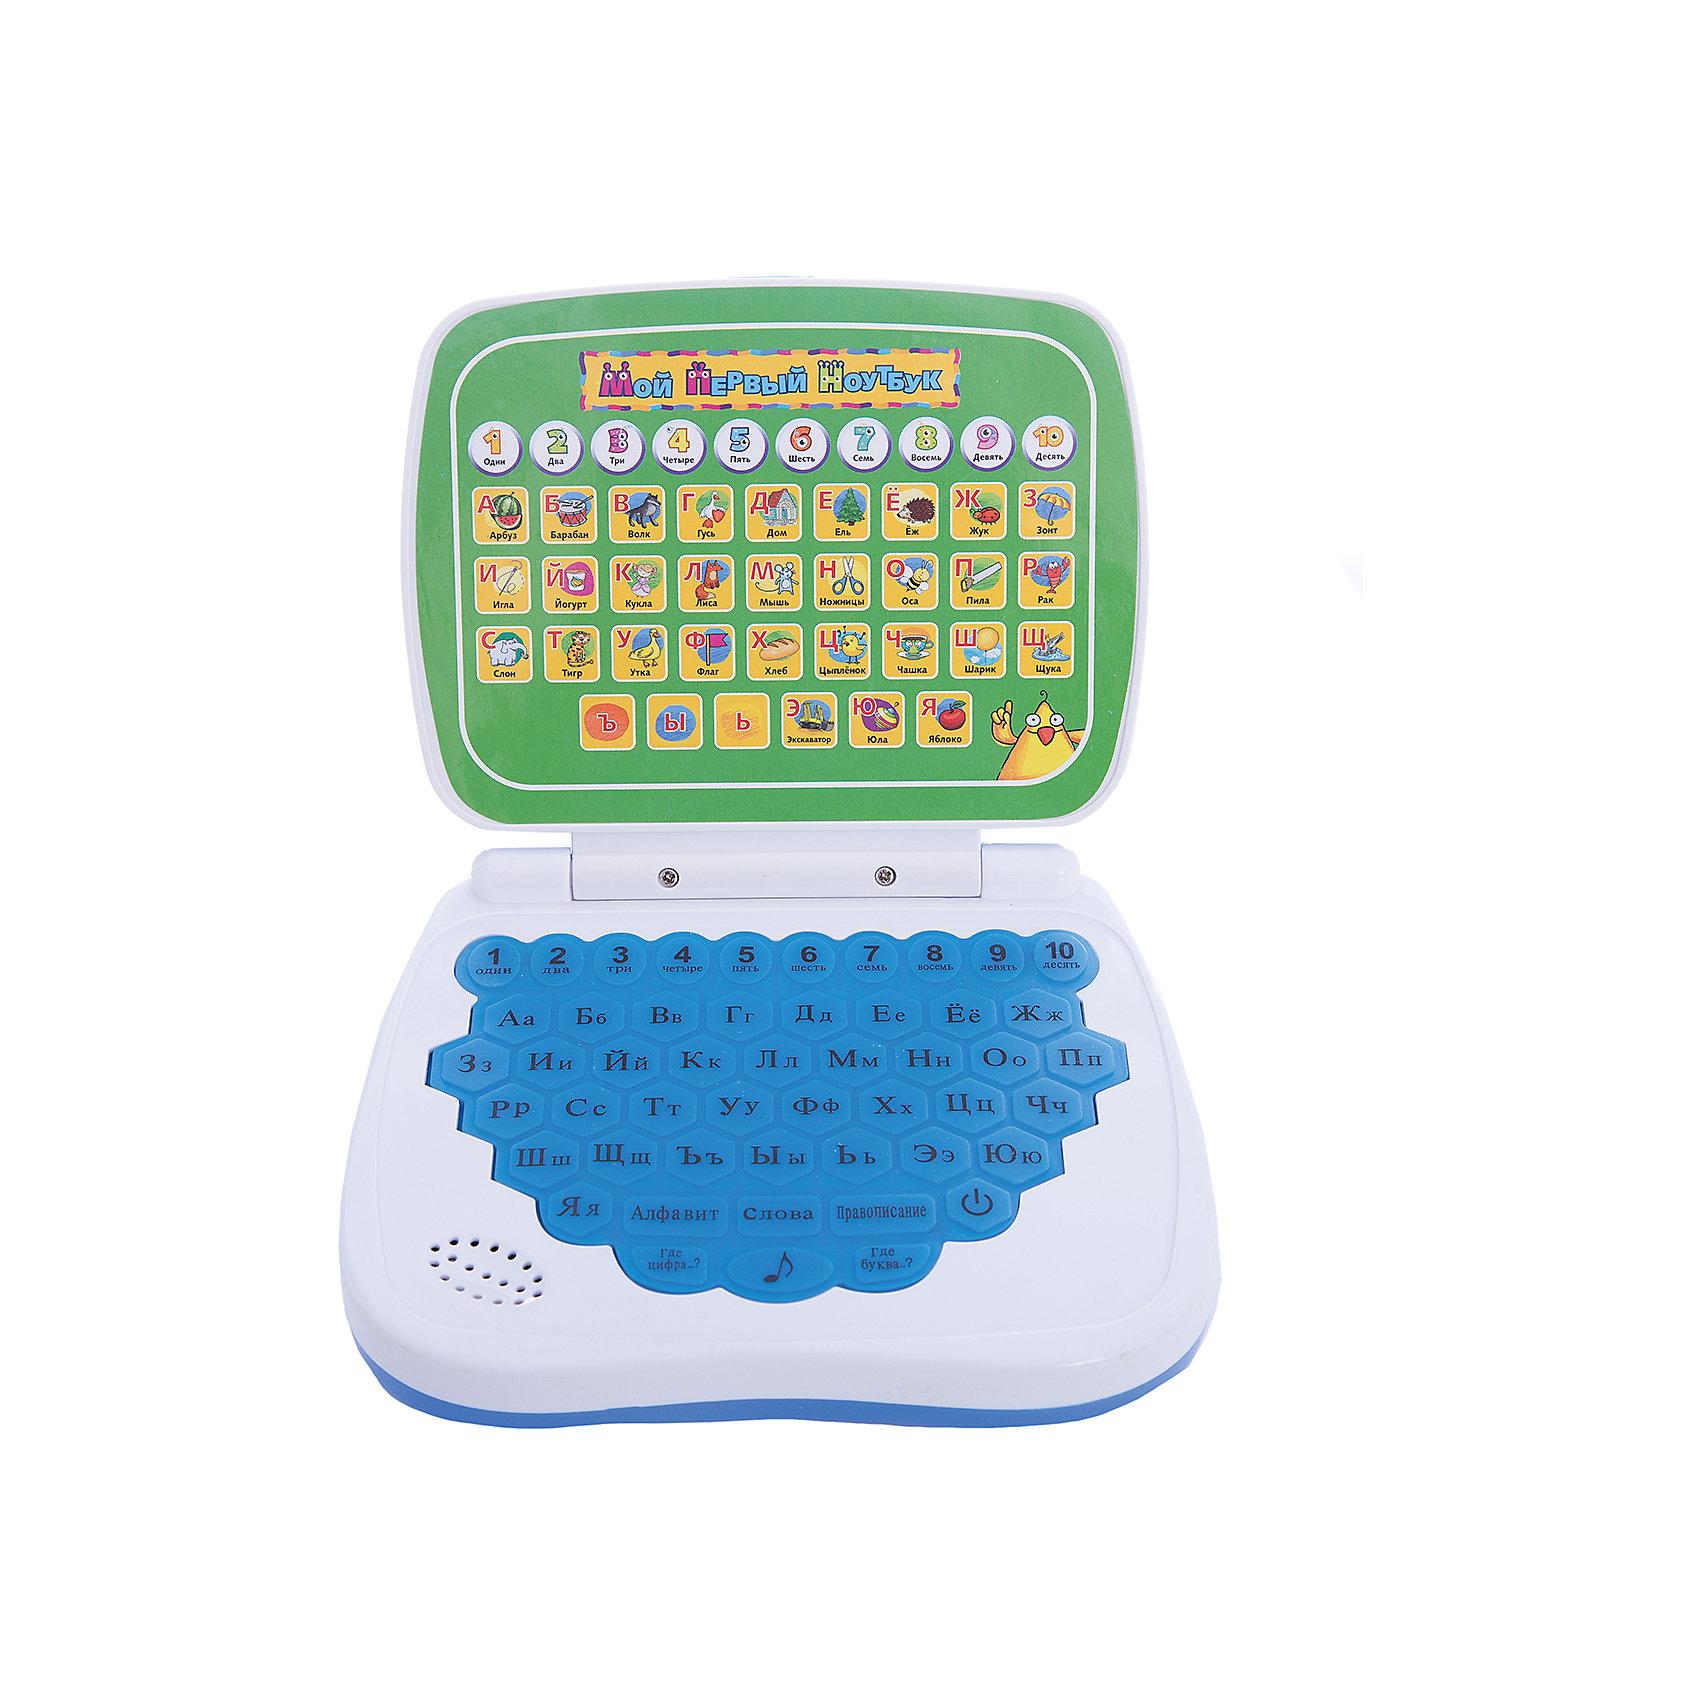 Обучающий компьютер , русский, Kribly BooДети обожают гаджеты и новые технологии. Благодаря этому обучающему компьютеру, ваш малыш запомнит цифры и буквы, сможет развить память, внимание и, конечно, получит массу положительных эмоций. Компьютер имеет шесть режимов игры:<br>- Нажми на букву или цифру и узнай, как она называется;<br>- Нажми на букву и услышишь слово, которое с нее начинается;<br>- Нажми на кнопку и услышишь, из каких букв состоит это слово;<br>- Где цифра? В этом режиме игрушка будет проверять, хорошо ли ты помнишь цифры от 1 до 10. Чтобы ответить, нажми на кнопку с правильным ответом;<br>- Где буква? В этом режиме игрушка будет проверять, хорошо ли ты помнишь буквы. Чтобы ответить, нажми на кнопку с правильным ответом;<br>- Нажимай на кнопки и слушай веселые мелодии.<br><br>Дополнительная информация:<br><br>- Материал: пластик, металл.<br>- Размер: 16,5х19х4 см.<br>- Звуковые эффекты.<br>- Элемент питания: 3 АА батарейки (не входят в комплект).<br>- 6 режимов. <br>- Язык: русский.<br><br>Обучающий компьютер , русский, Kribly Boo, можно купить в нашем магазине.<br><br>Ширина мм: 190<br>Глубина мм: 165<br>Высота мм: 40<br>Вес г: 243<br>Возраст от месяцев: 36<br>Возраст до месяцев: 84<br>Пол: Унисекс<br>Возраст: Детский<br>SKU: 4515328